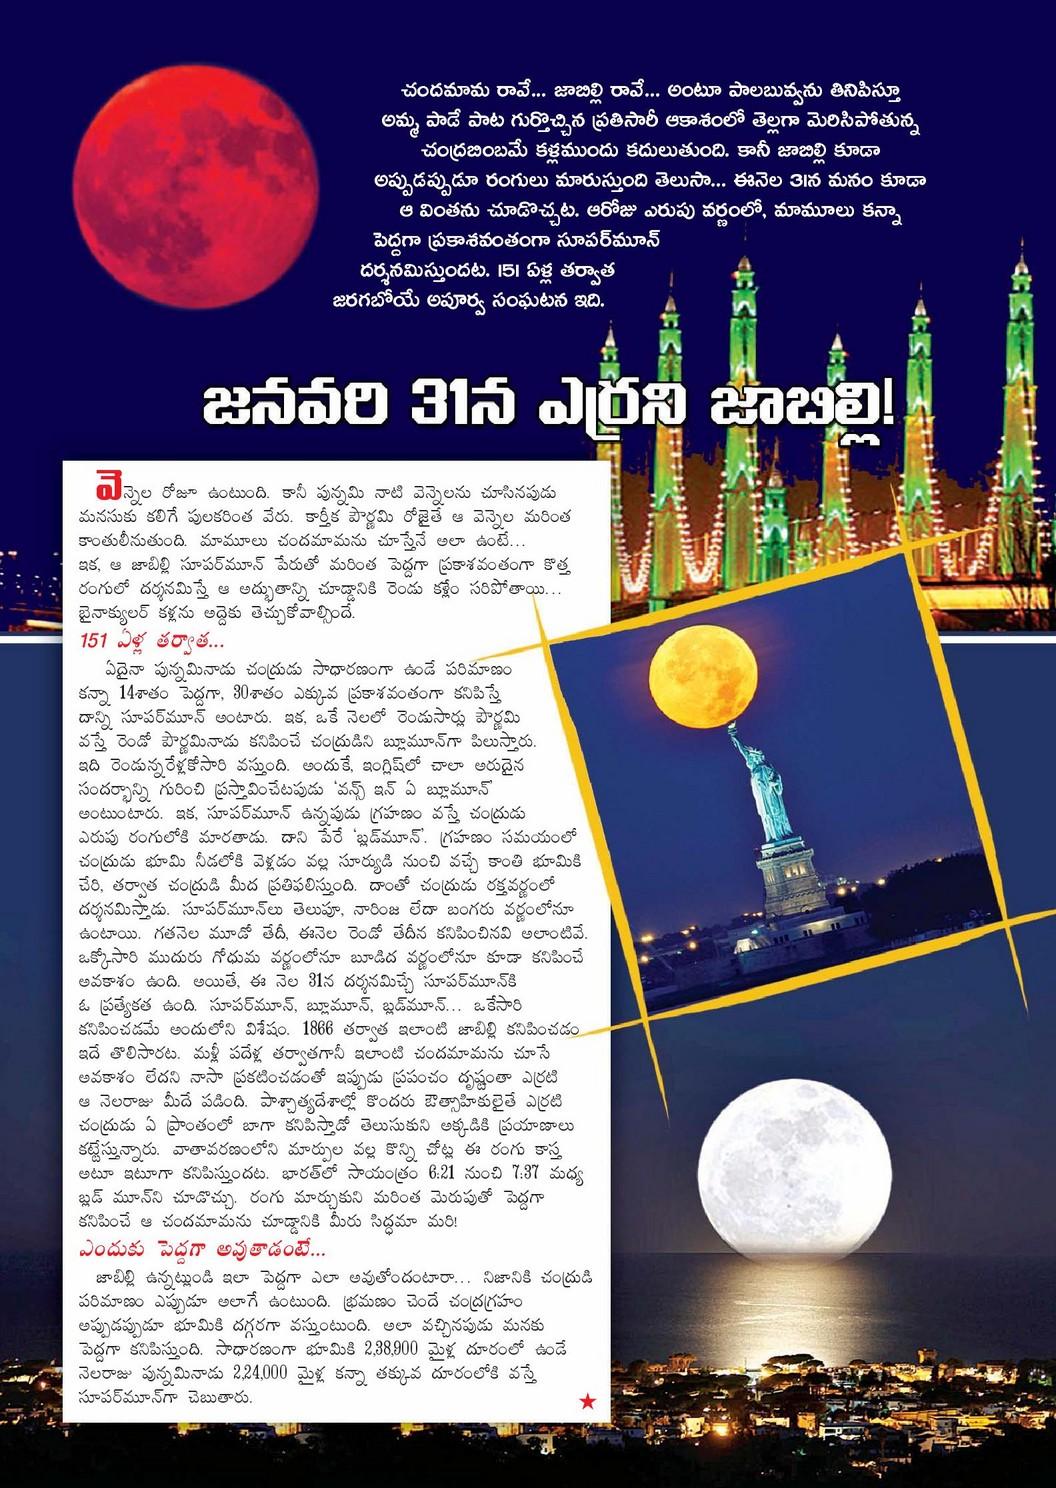 జనవరి 31న ఎర్రని జాబిల్లి Red jabilli on January 31 redmoon jabilli bhaktipustakalu